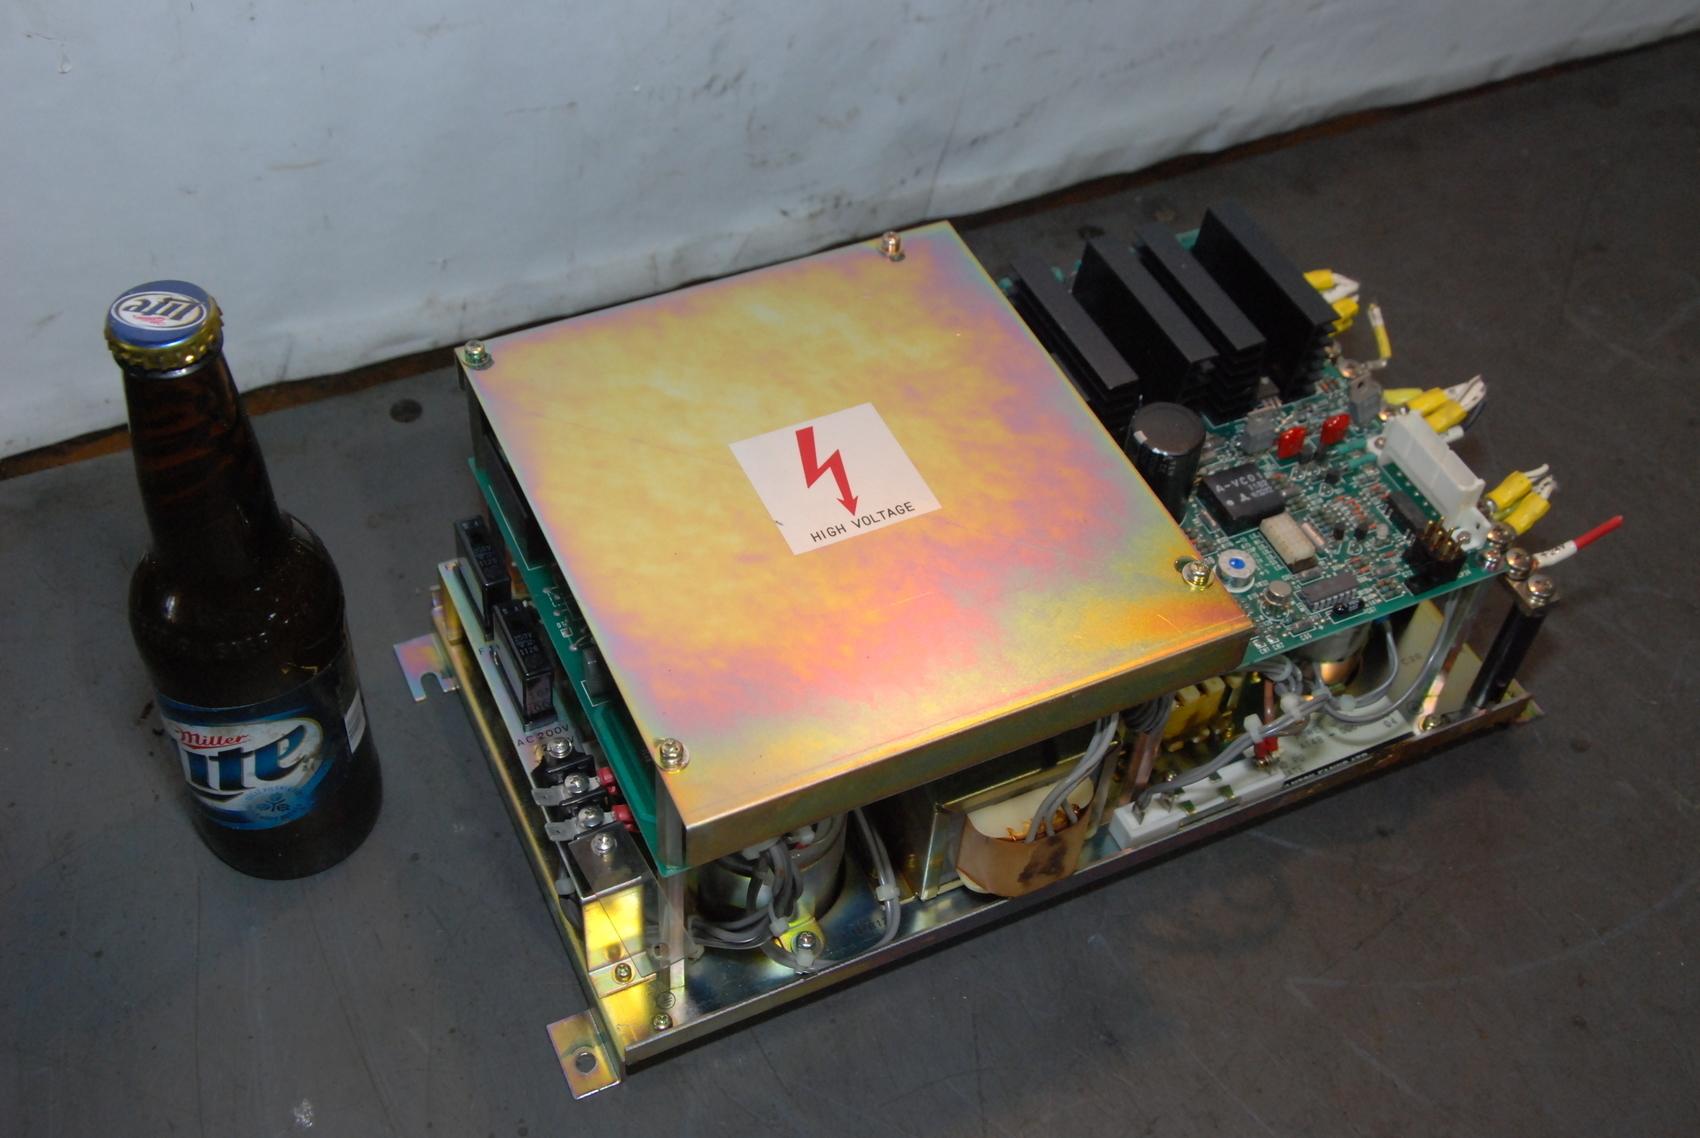 FUJITSU FANUC POWER UNIT A14B-0061-B001